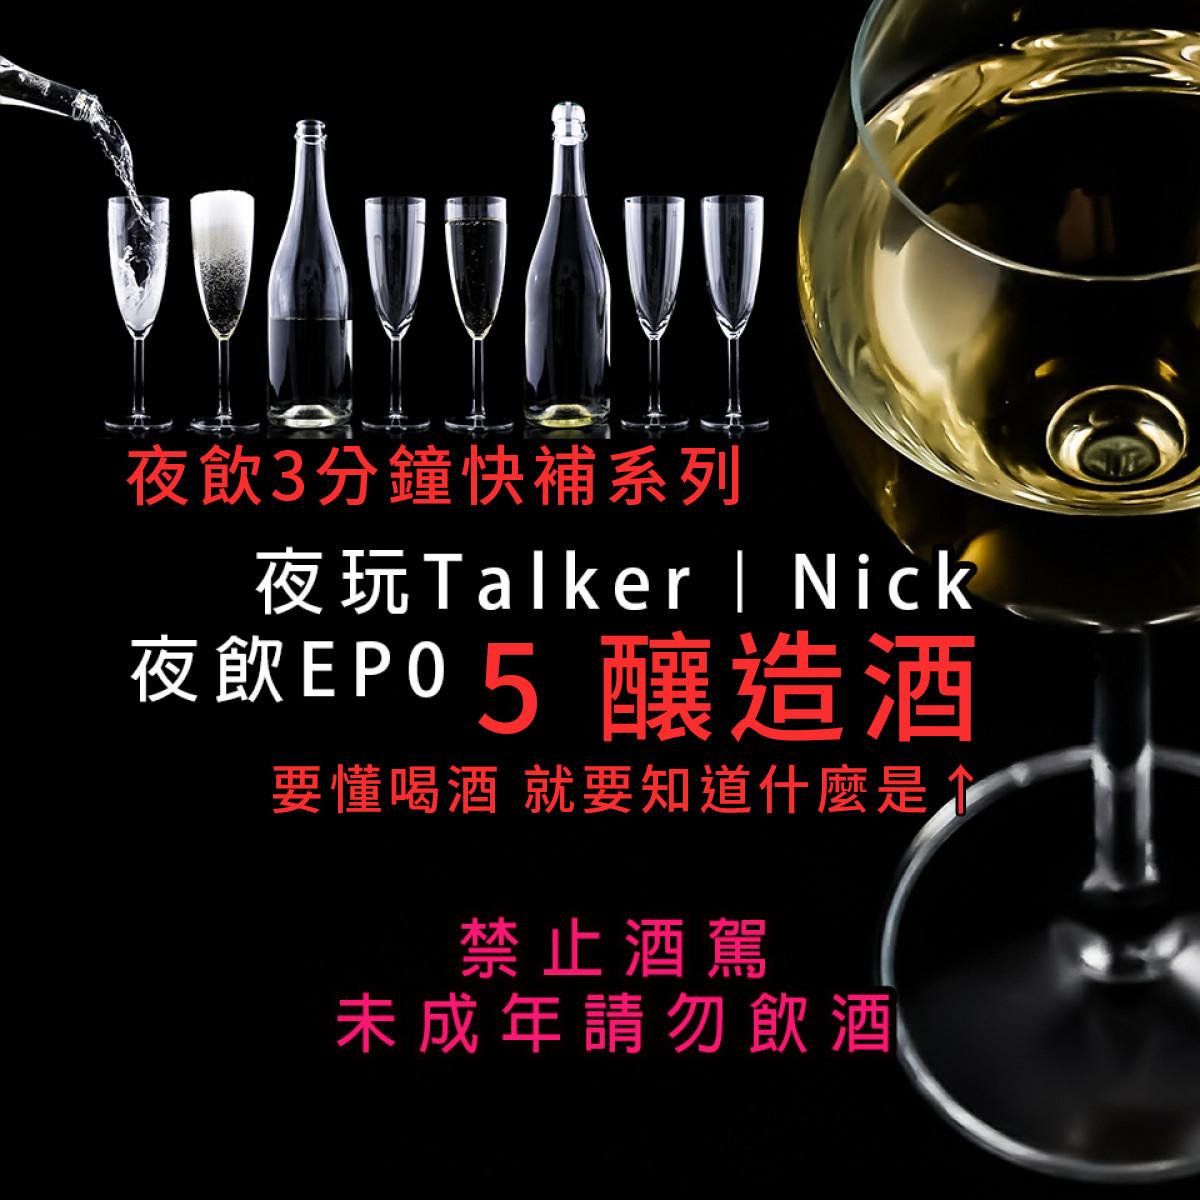 夜飲第一季EP05|3分鐘懂酒快充,什麼是釀造酒?